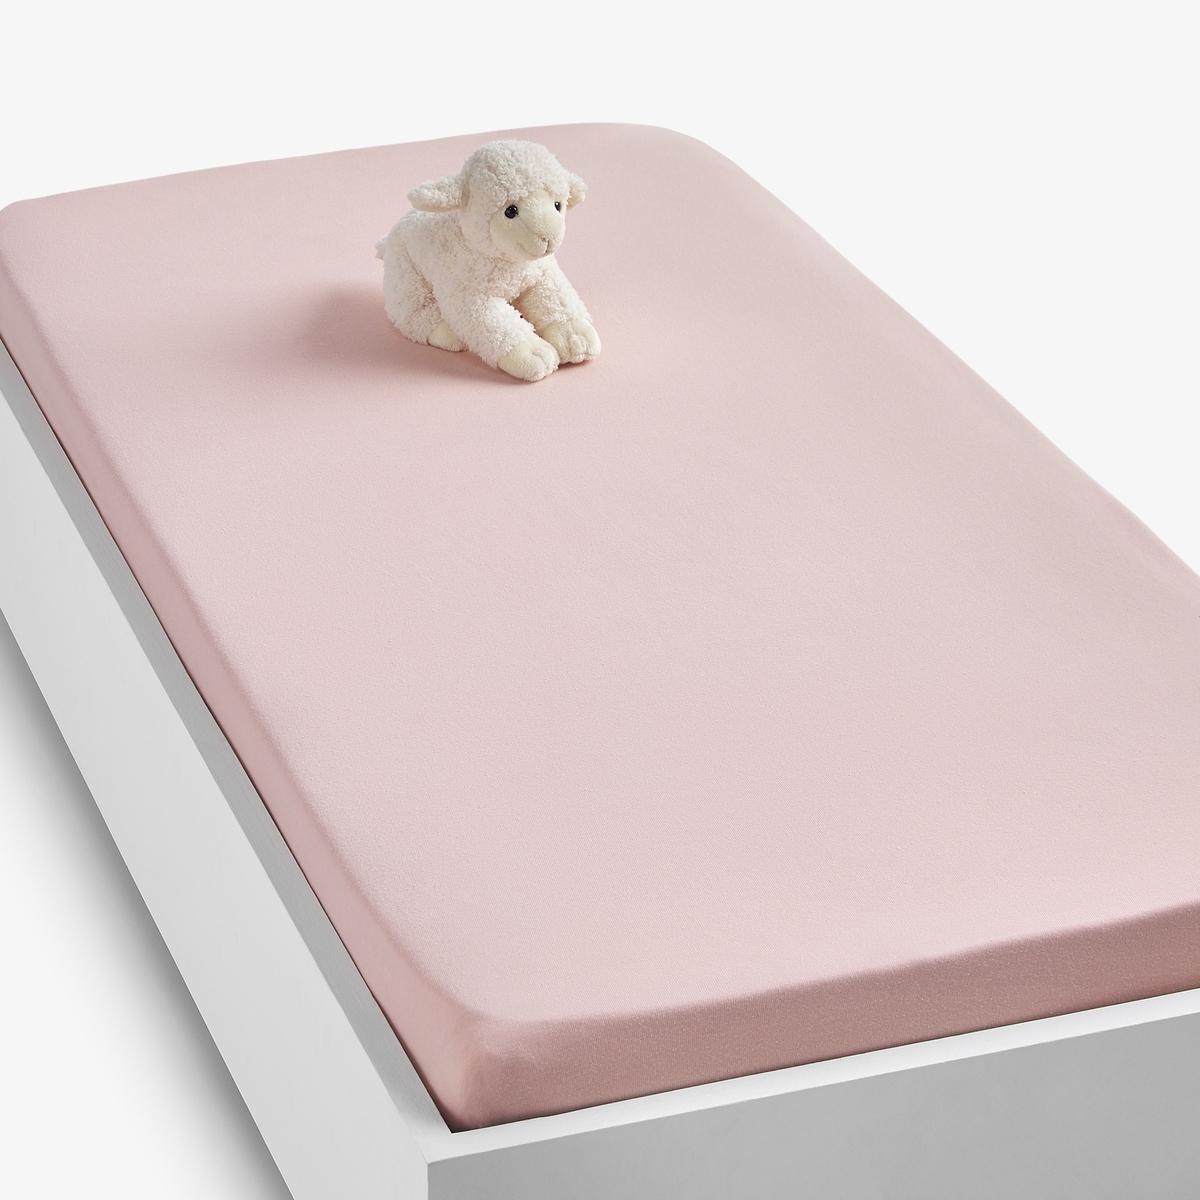 Простыня LaRedoute Натяжная из джерси 100 хлопок Scnario 60 x 120 см розовый